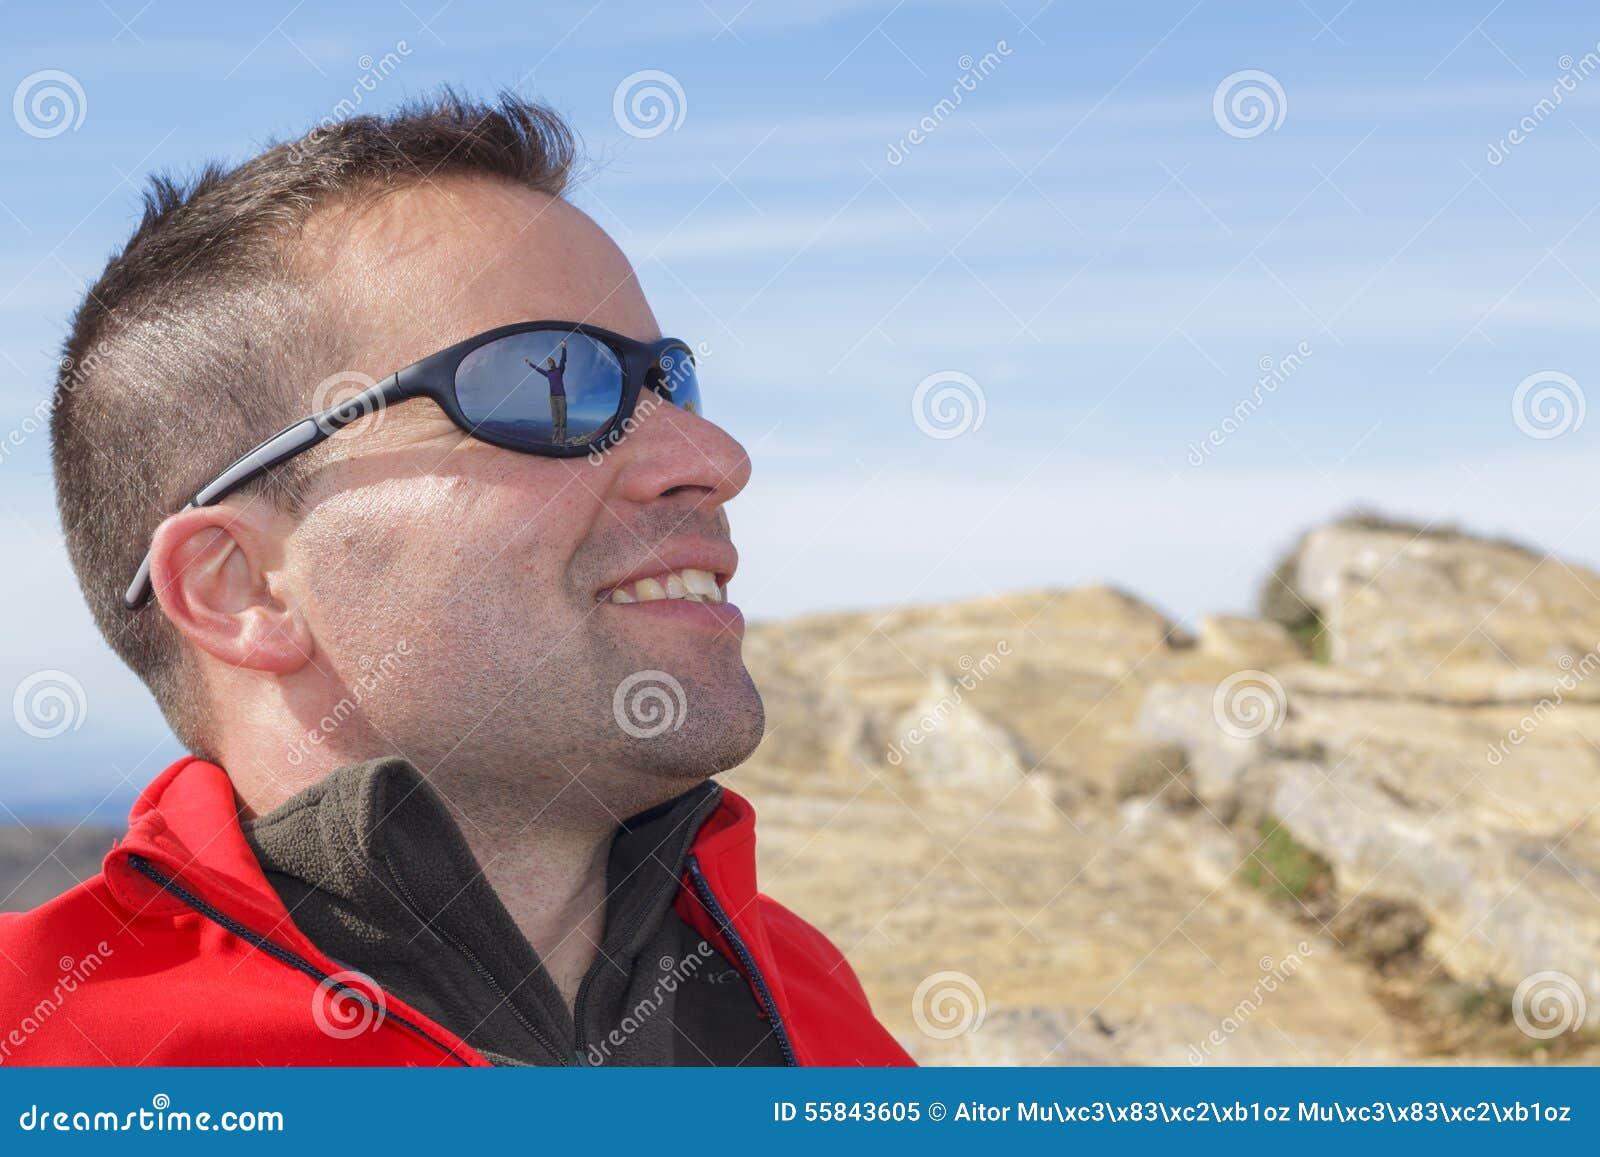 afb2d627b5fec Mulher Refletida Em óculos De Sol Do Homem Imagem de Stock - Imagem ...